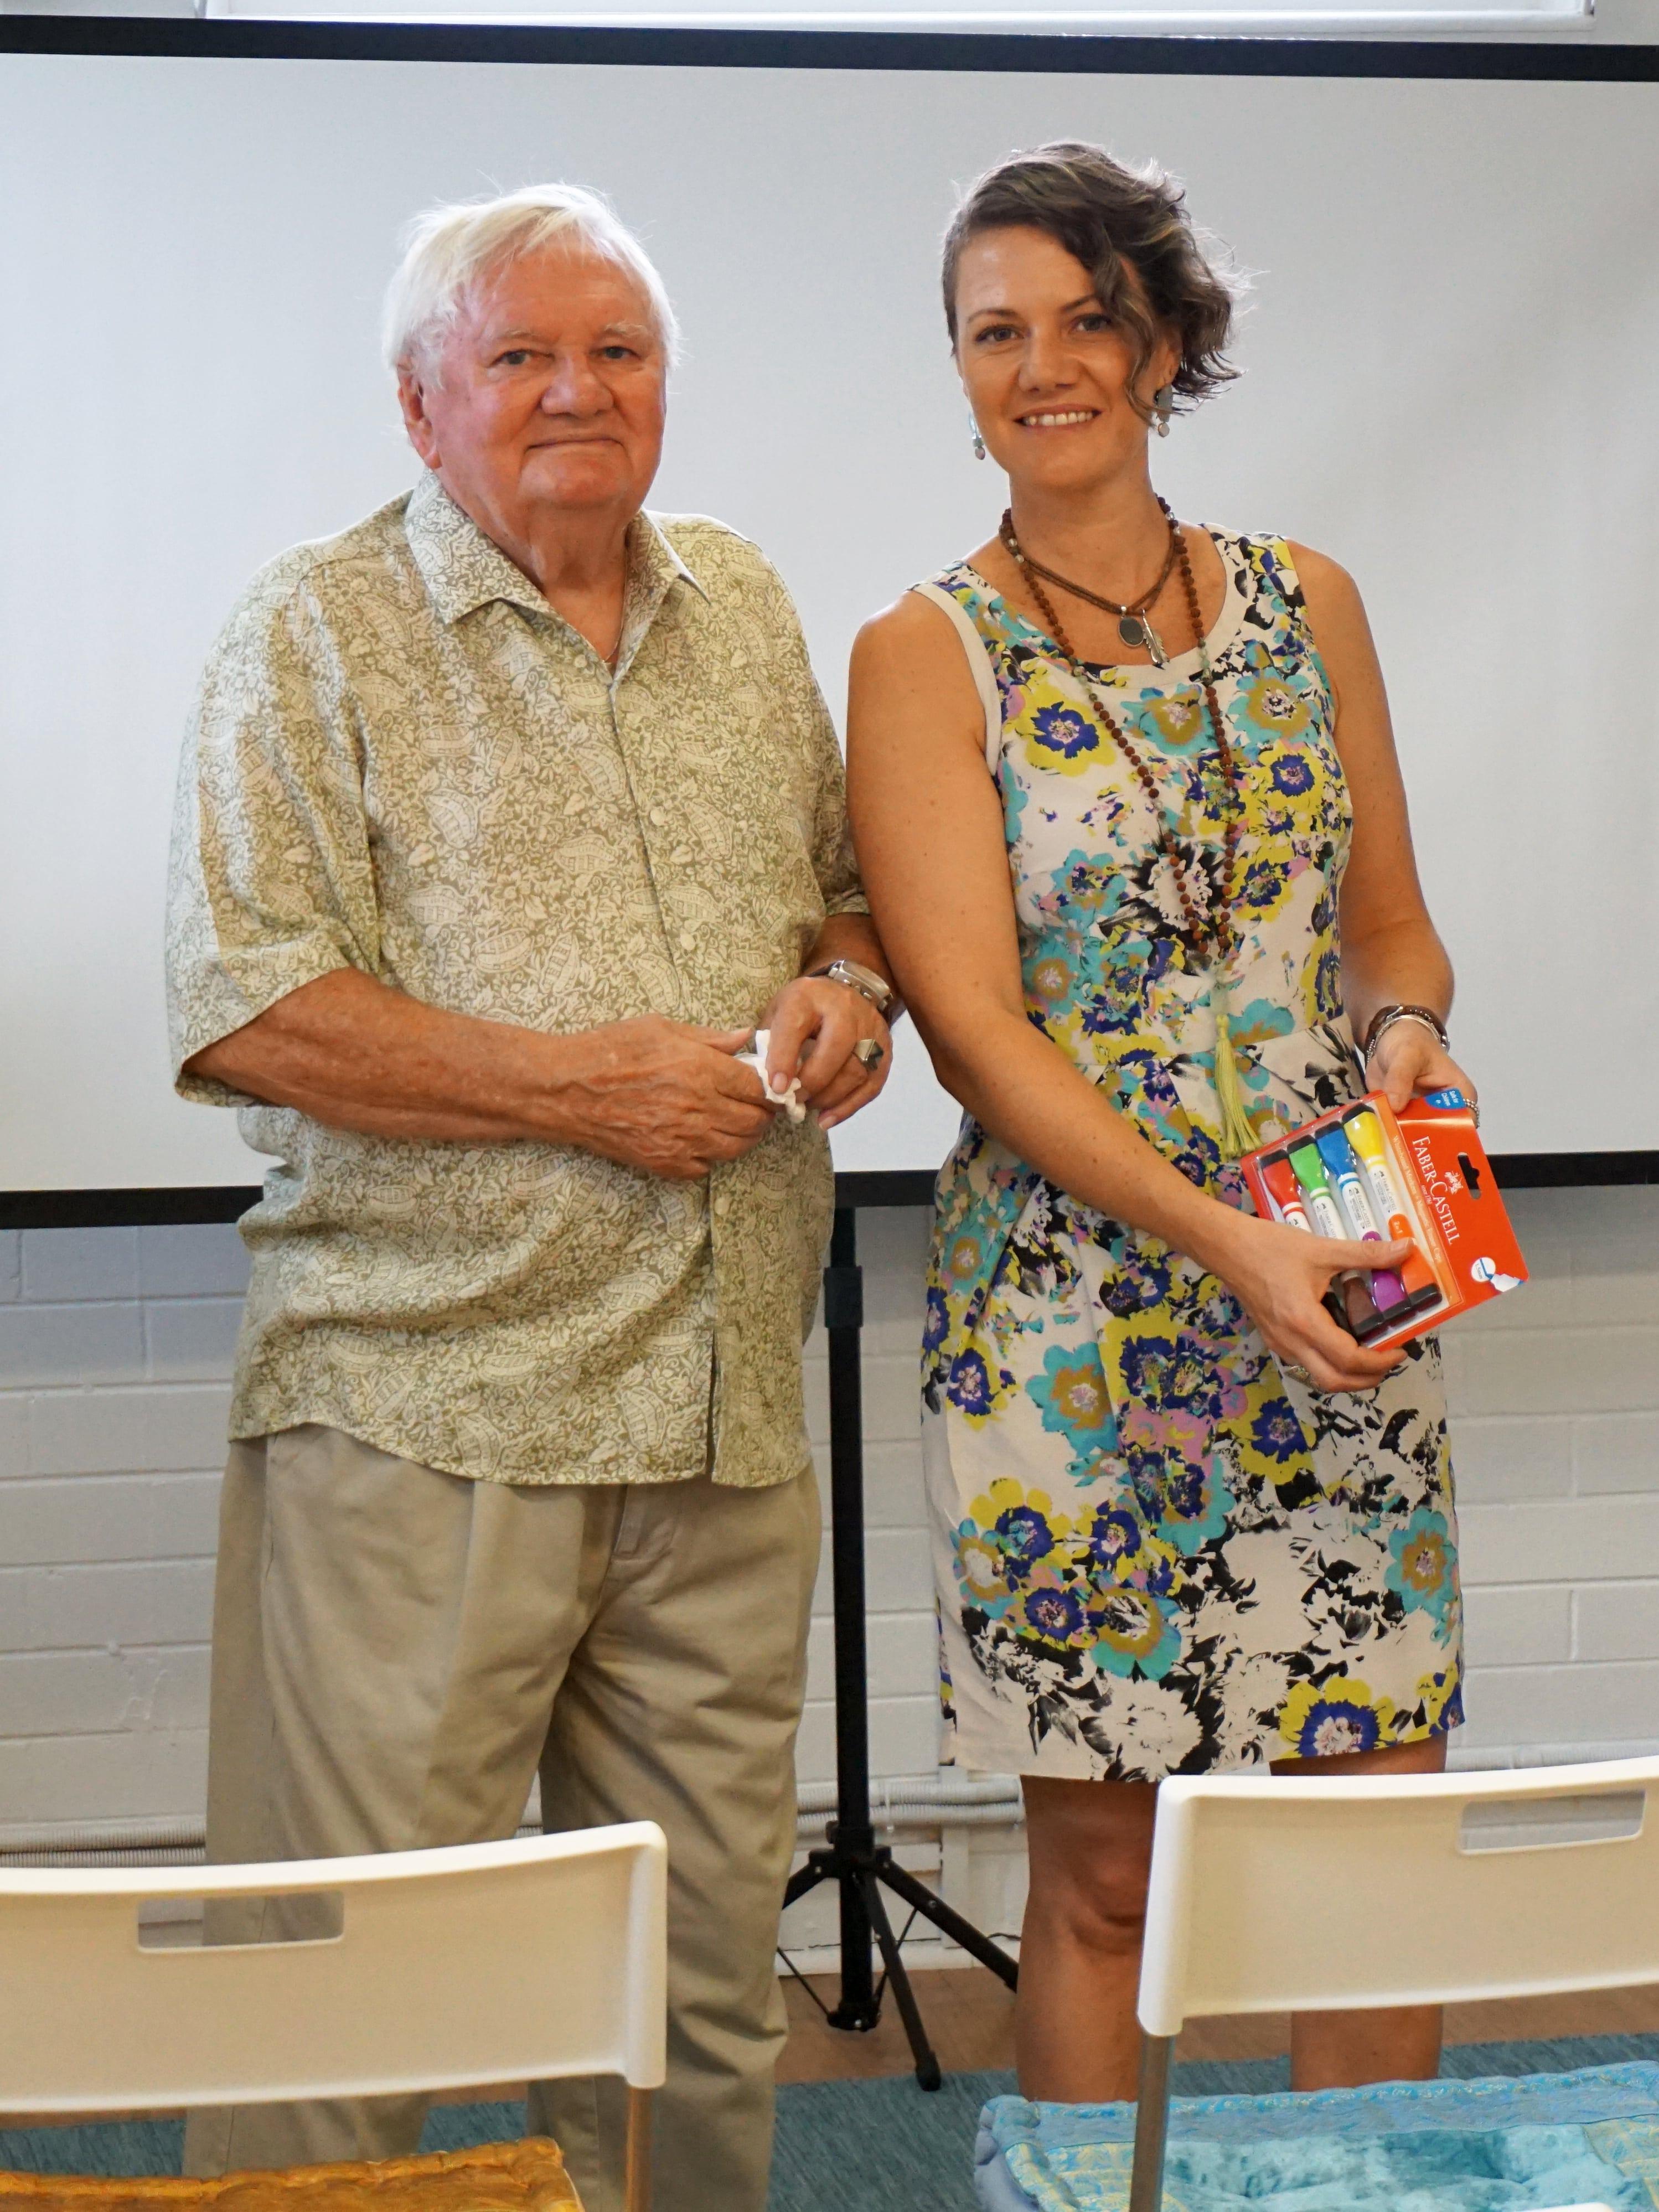 David Kennedy & Rachel Kennedy